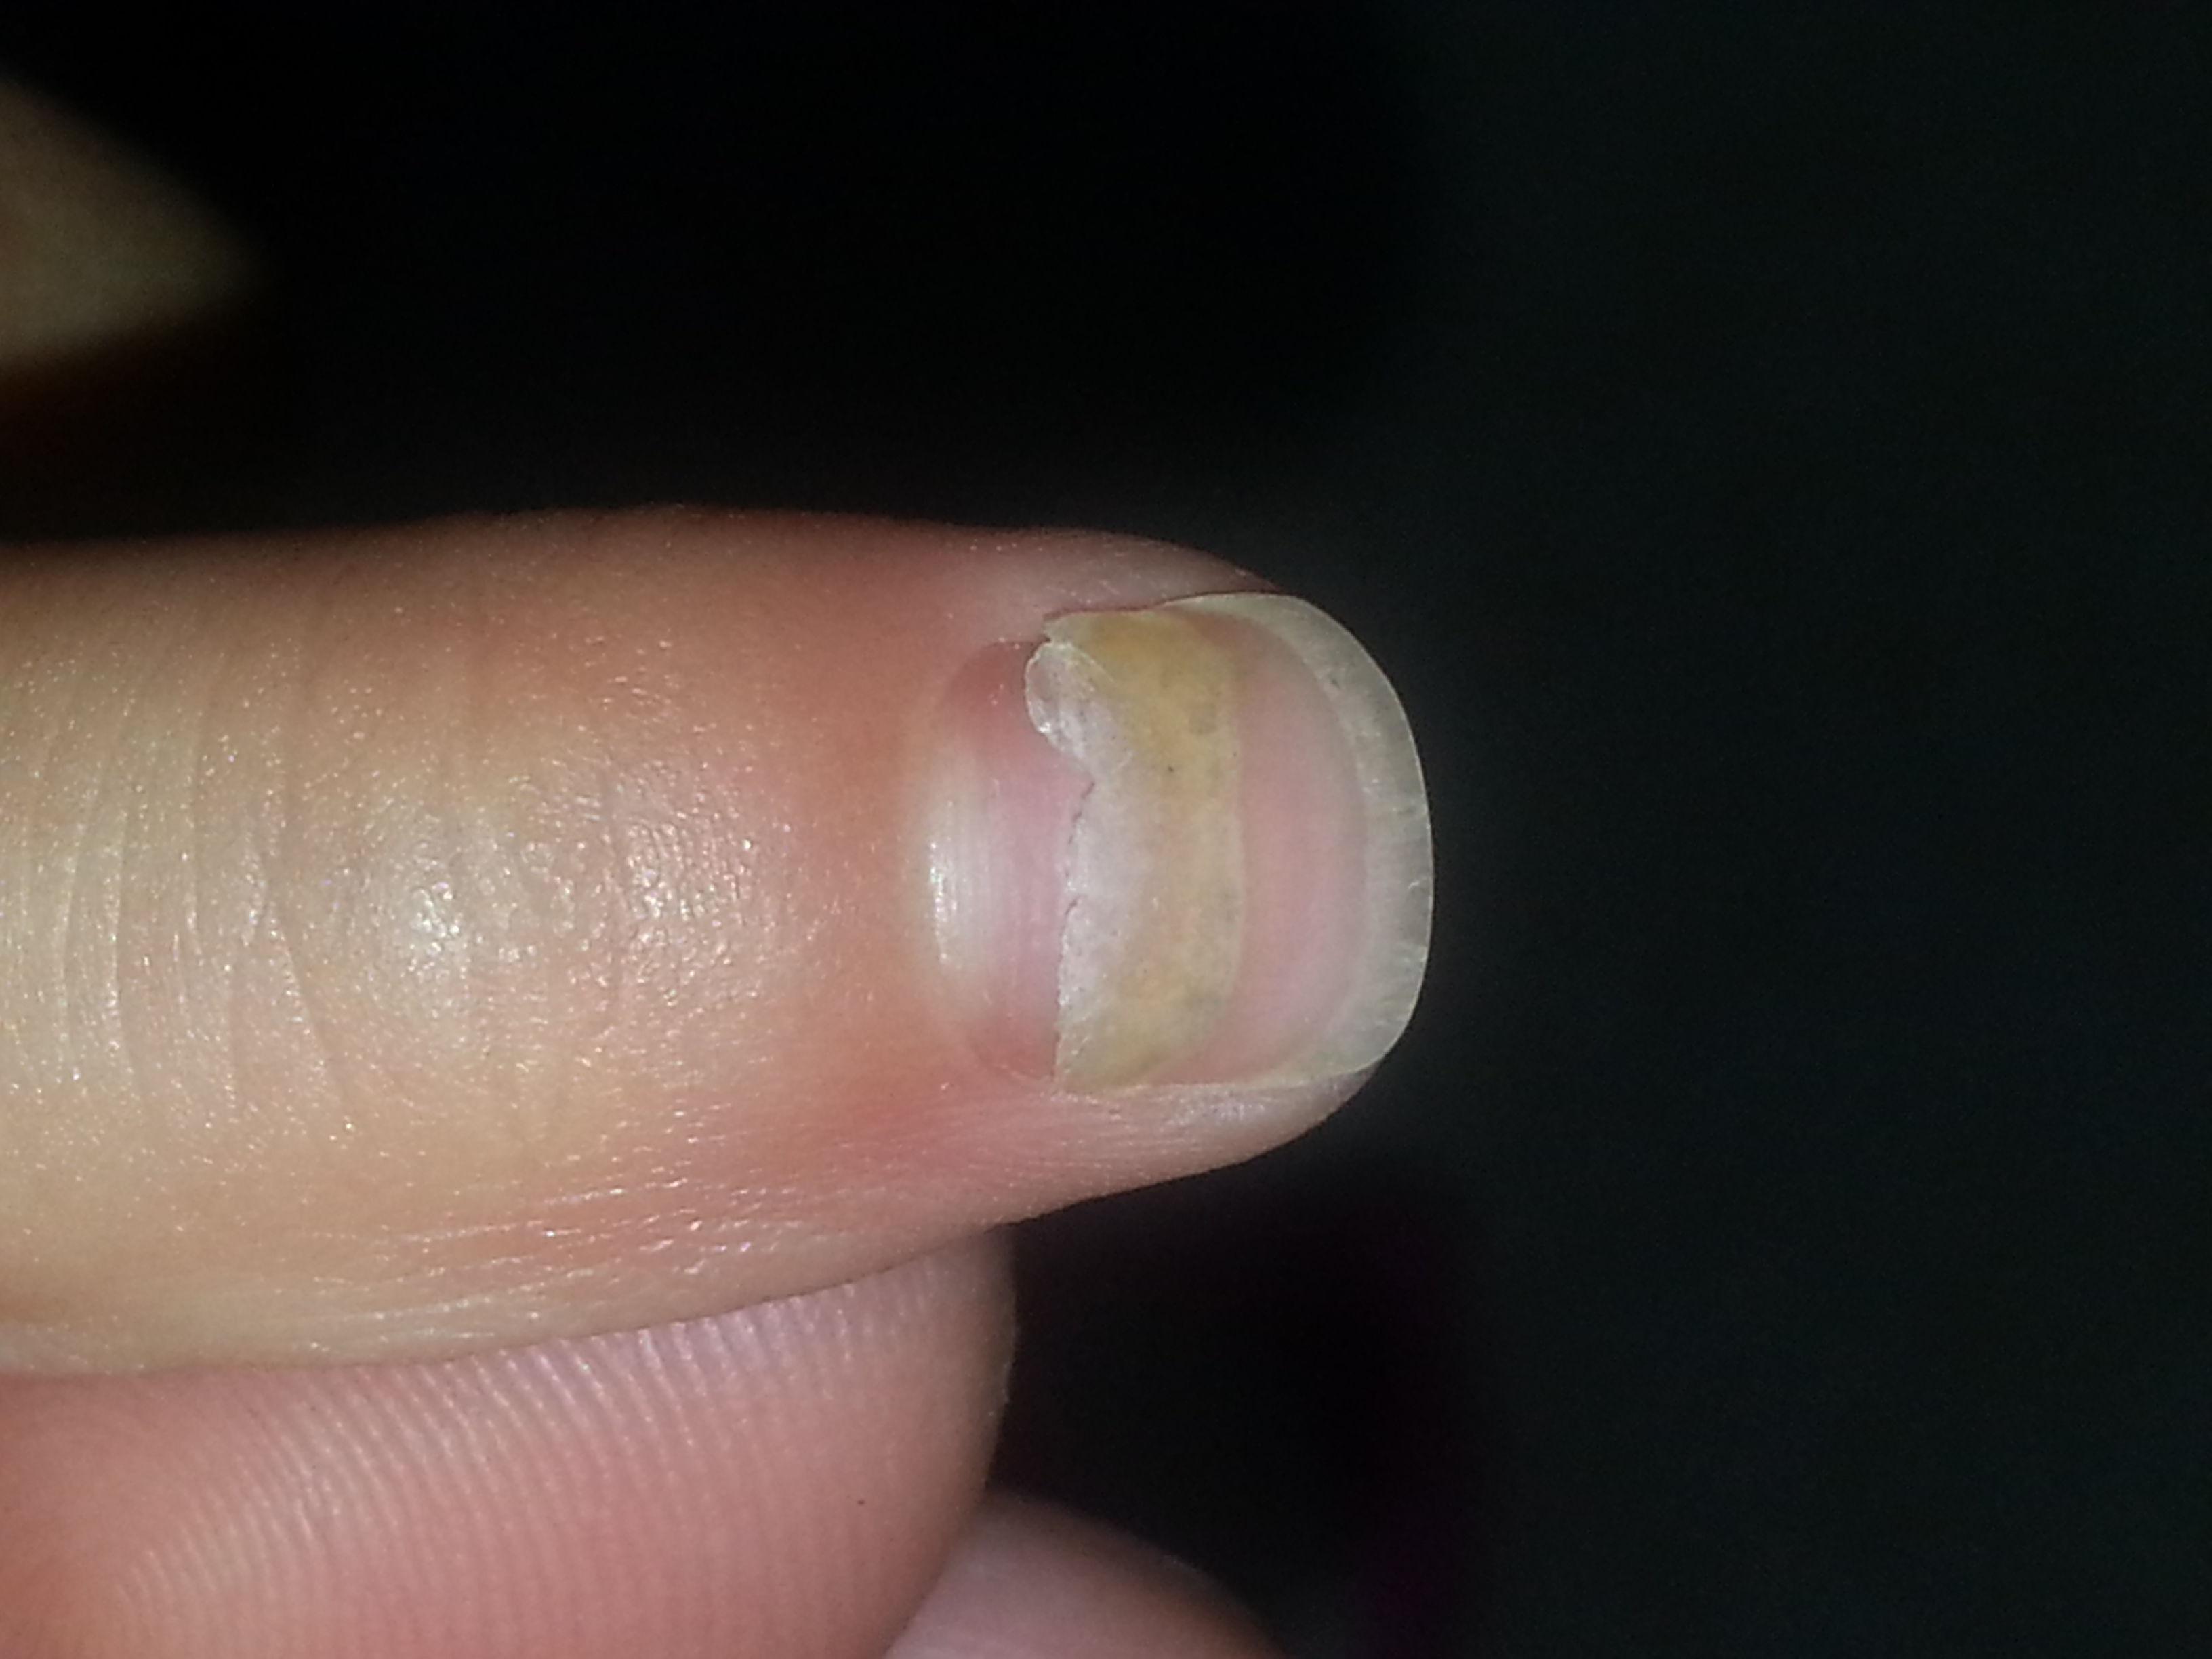 請教大蝦,三歲多的小孩兒手指甲蓋脫落是怎么回事,拍了幾張圖,大家圖片